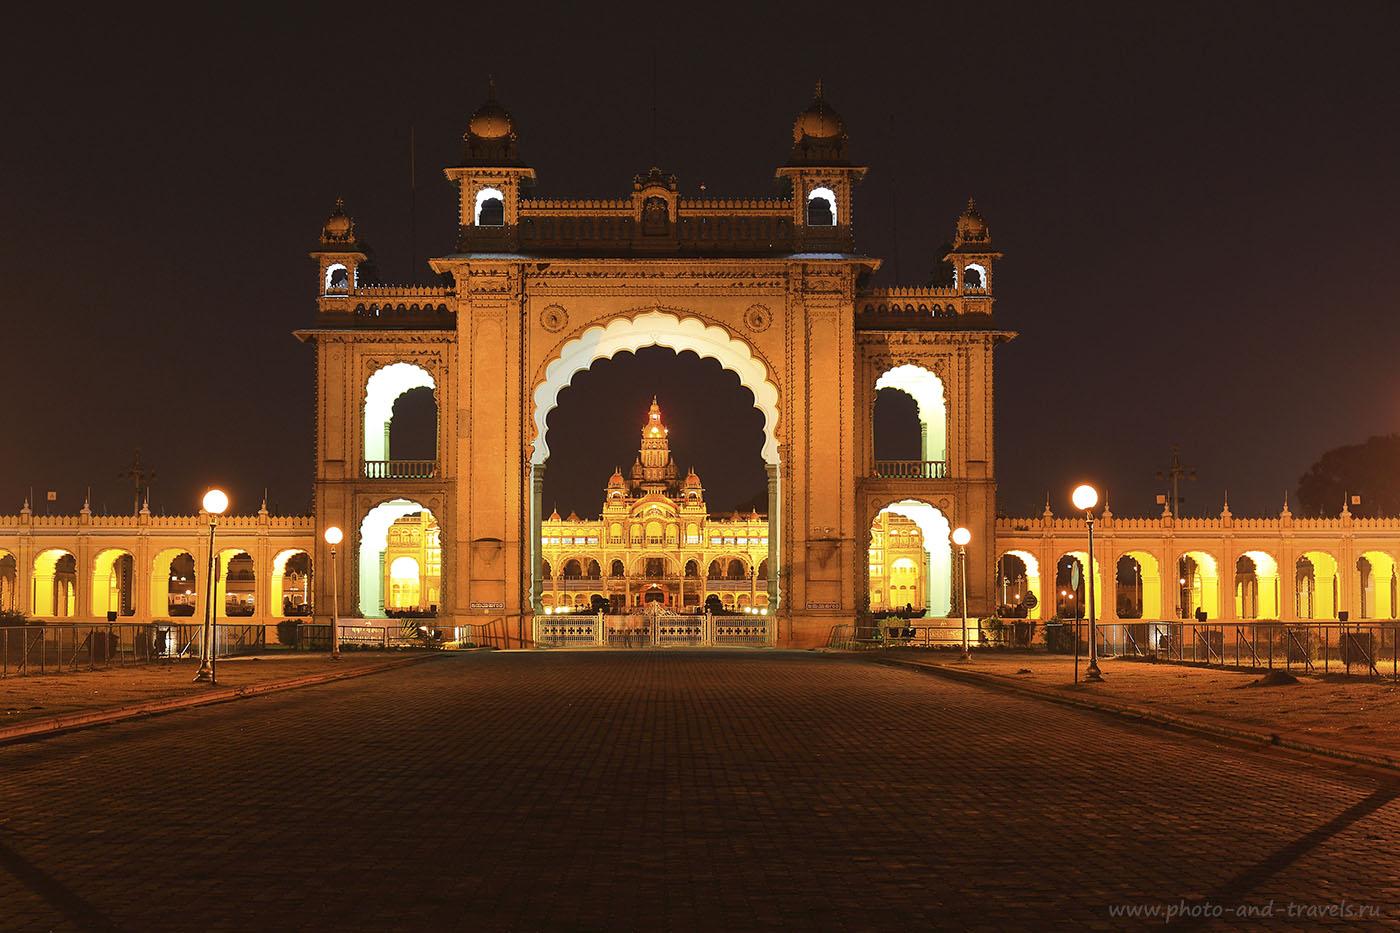 Фотография №21. Экскурсии в Майсур в штате Карнатака в Индии. Ночной дворец Амба Вилас сквозь арку ворот. 13 секунд, f/6.3, 100, ФР=53 мм.